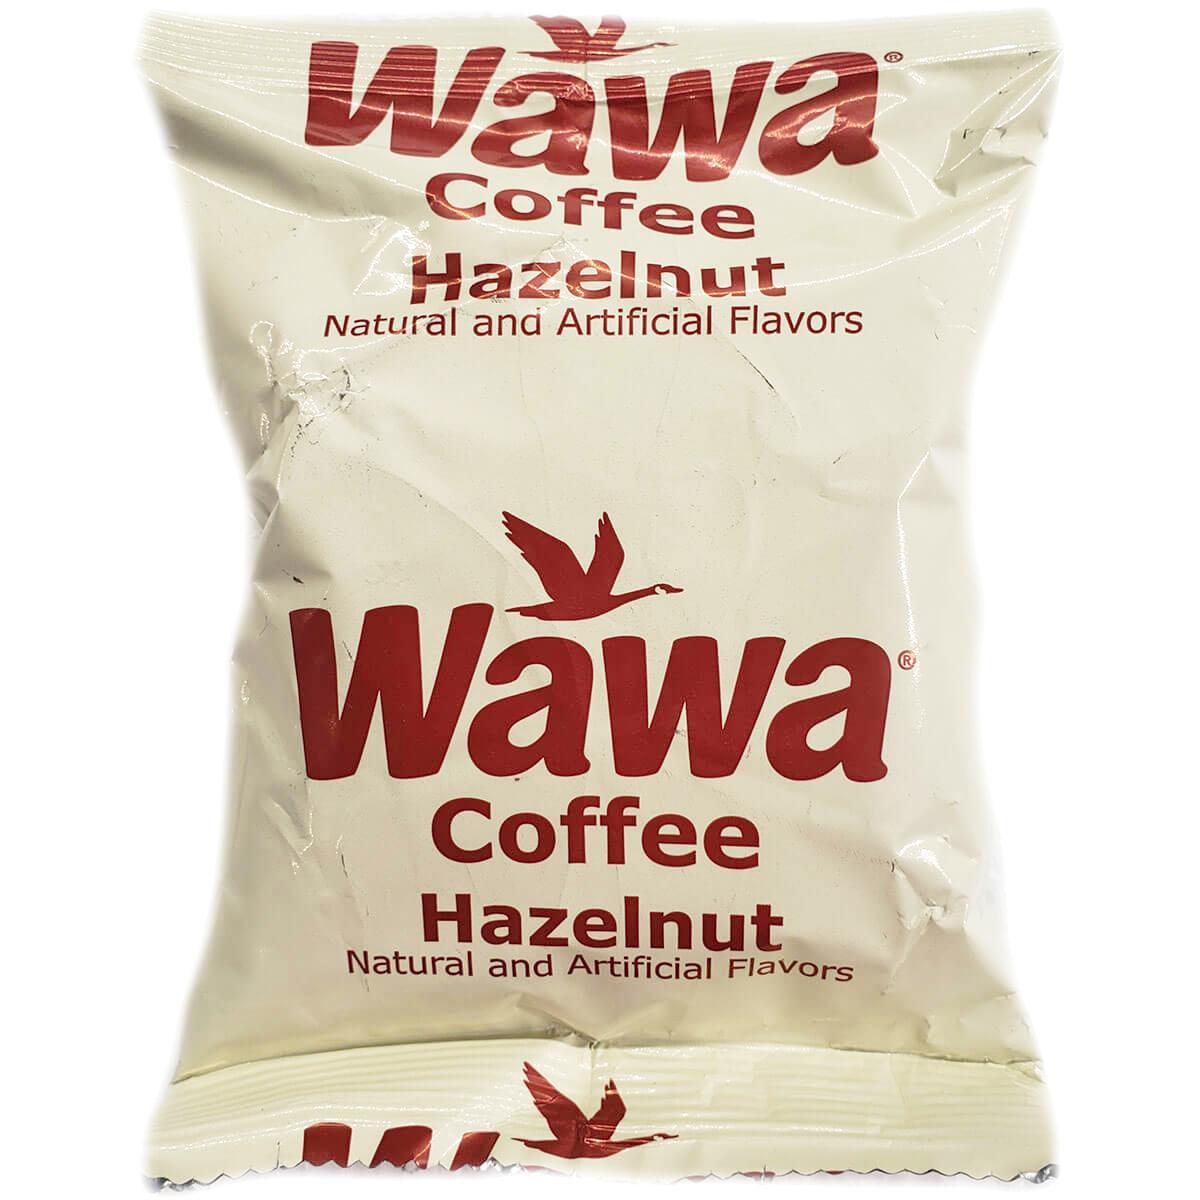 Wawa Hazelnut Coffee at Work 2.25oz thumbnail